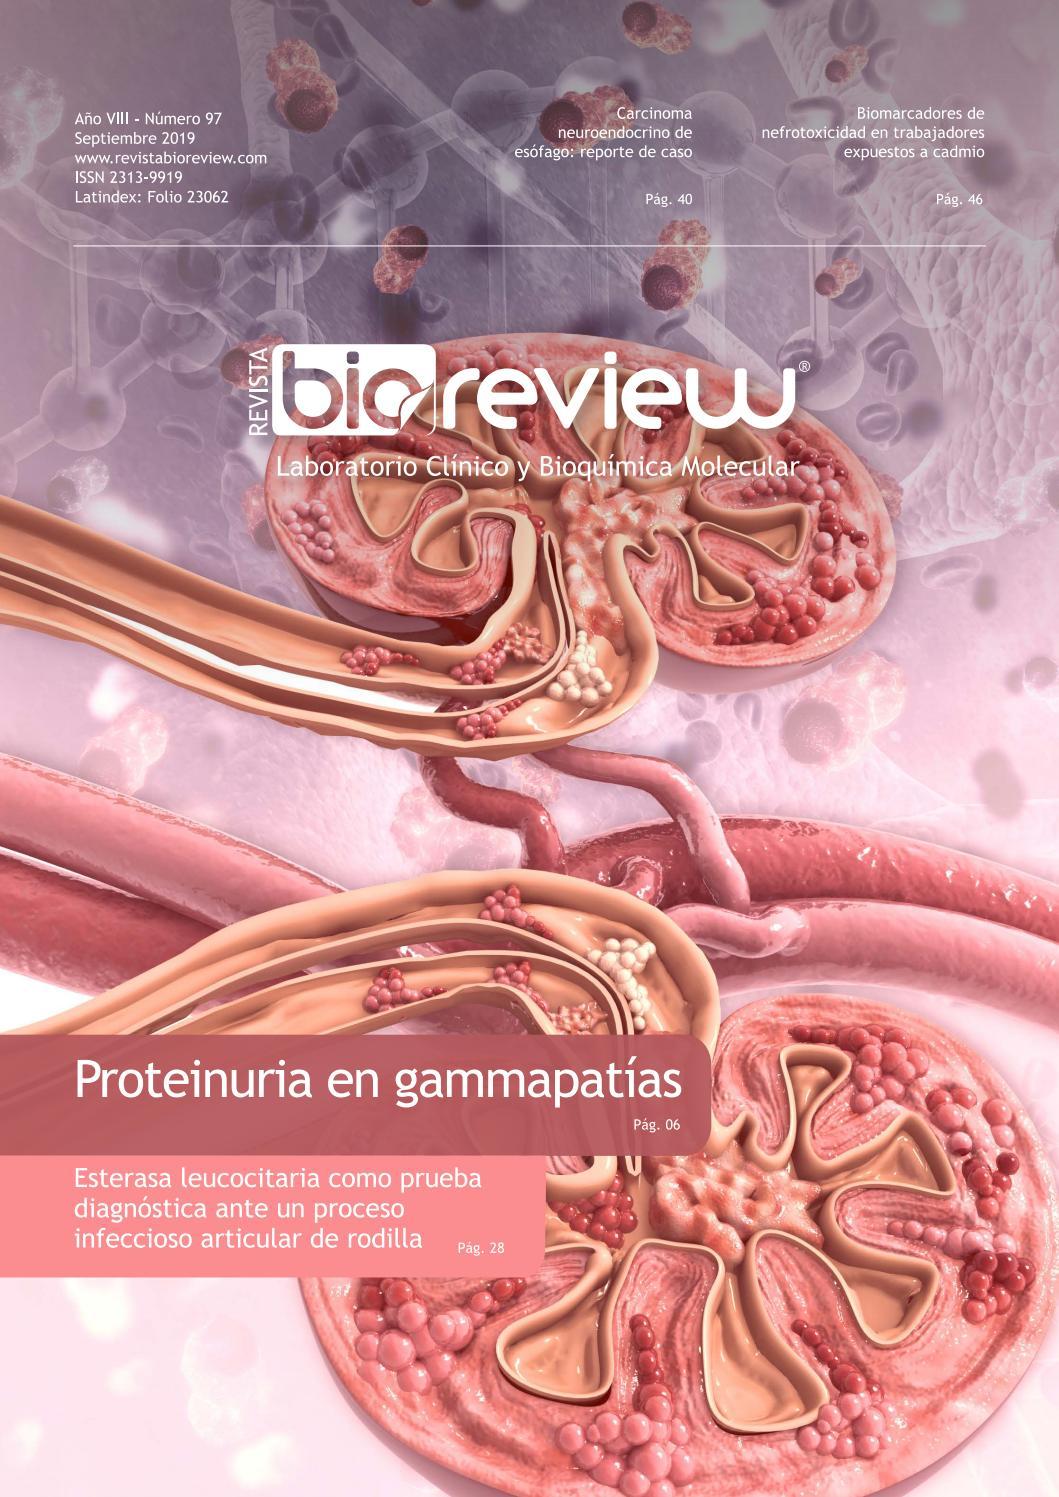 lista de compuestos y cáncer de próstata de cadmio ii e